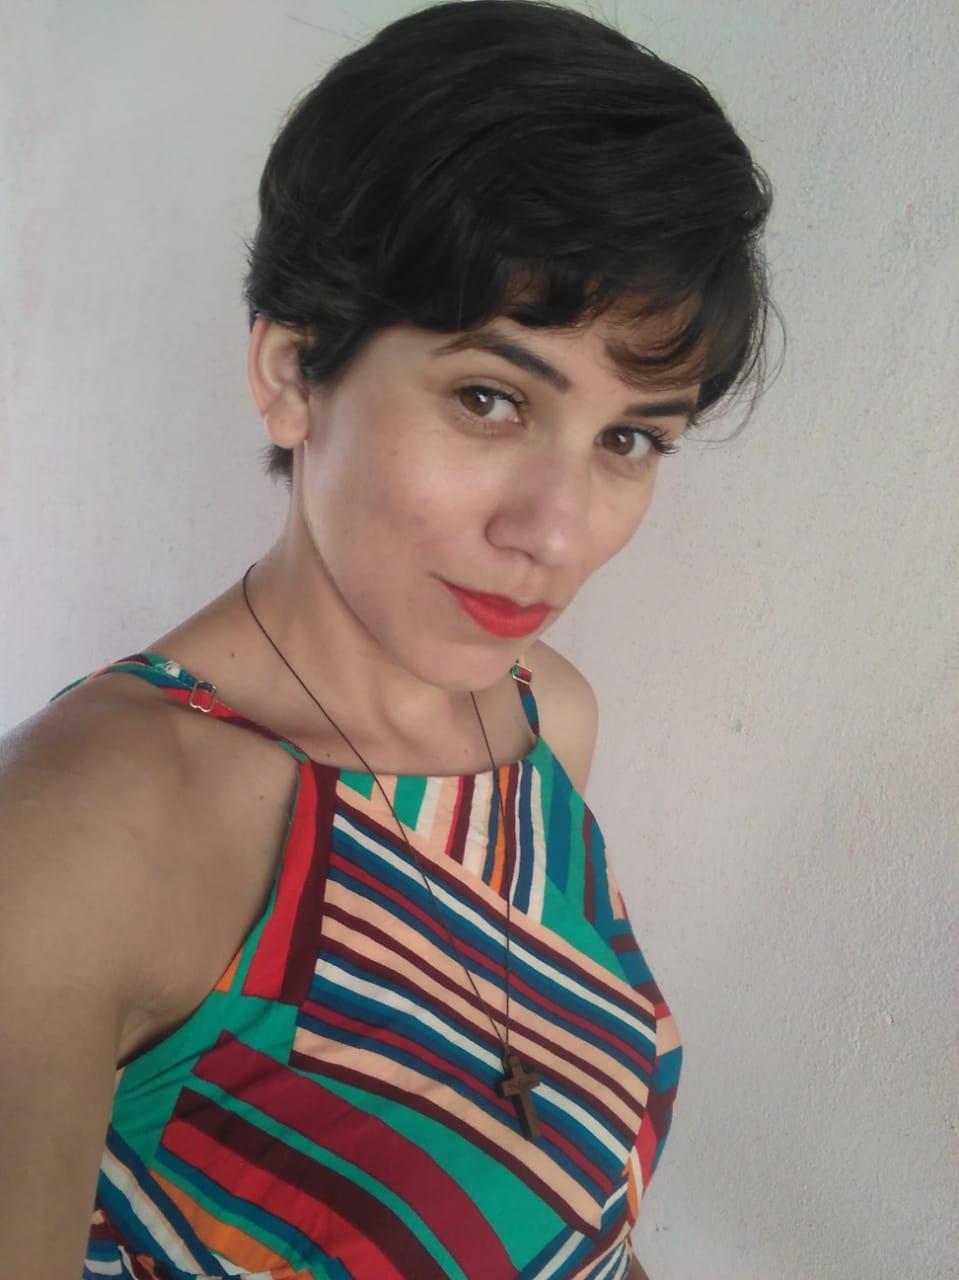 Kellen-Neves-de-Souza-p.jpeg